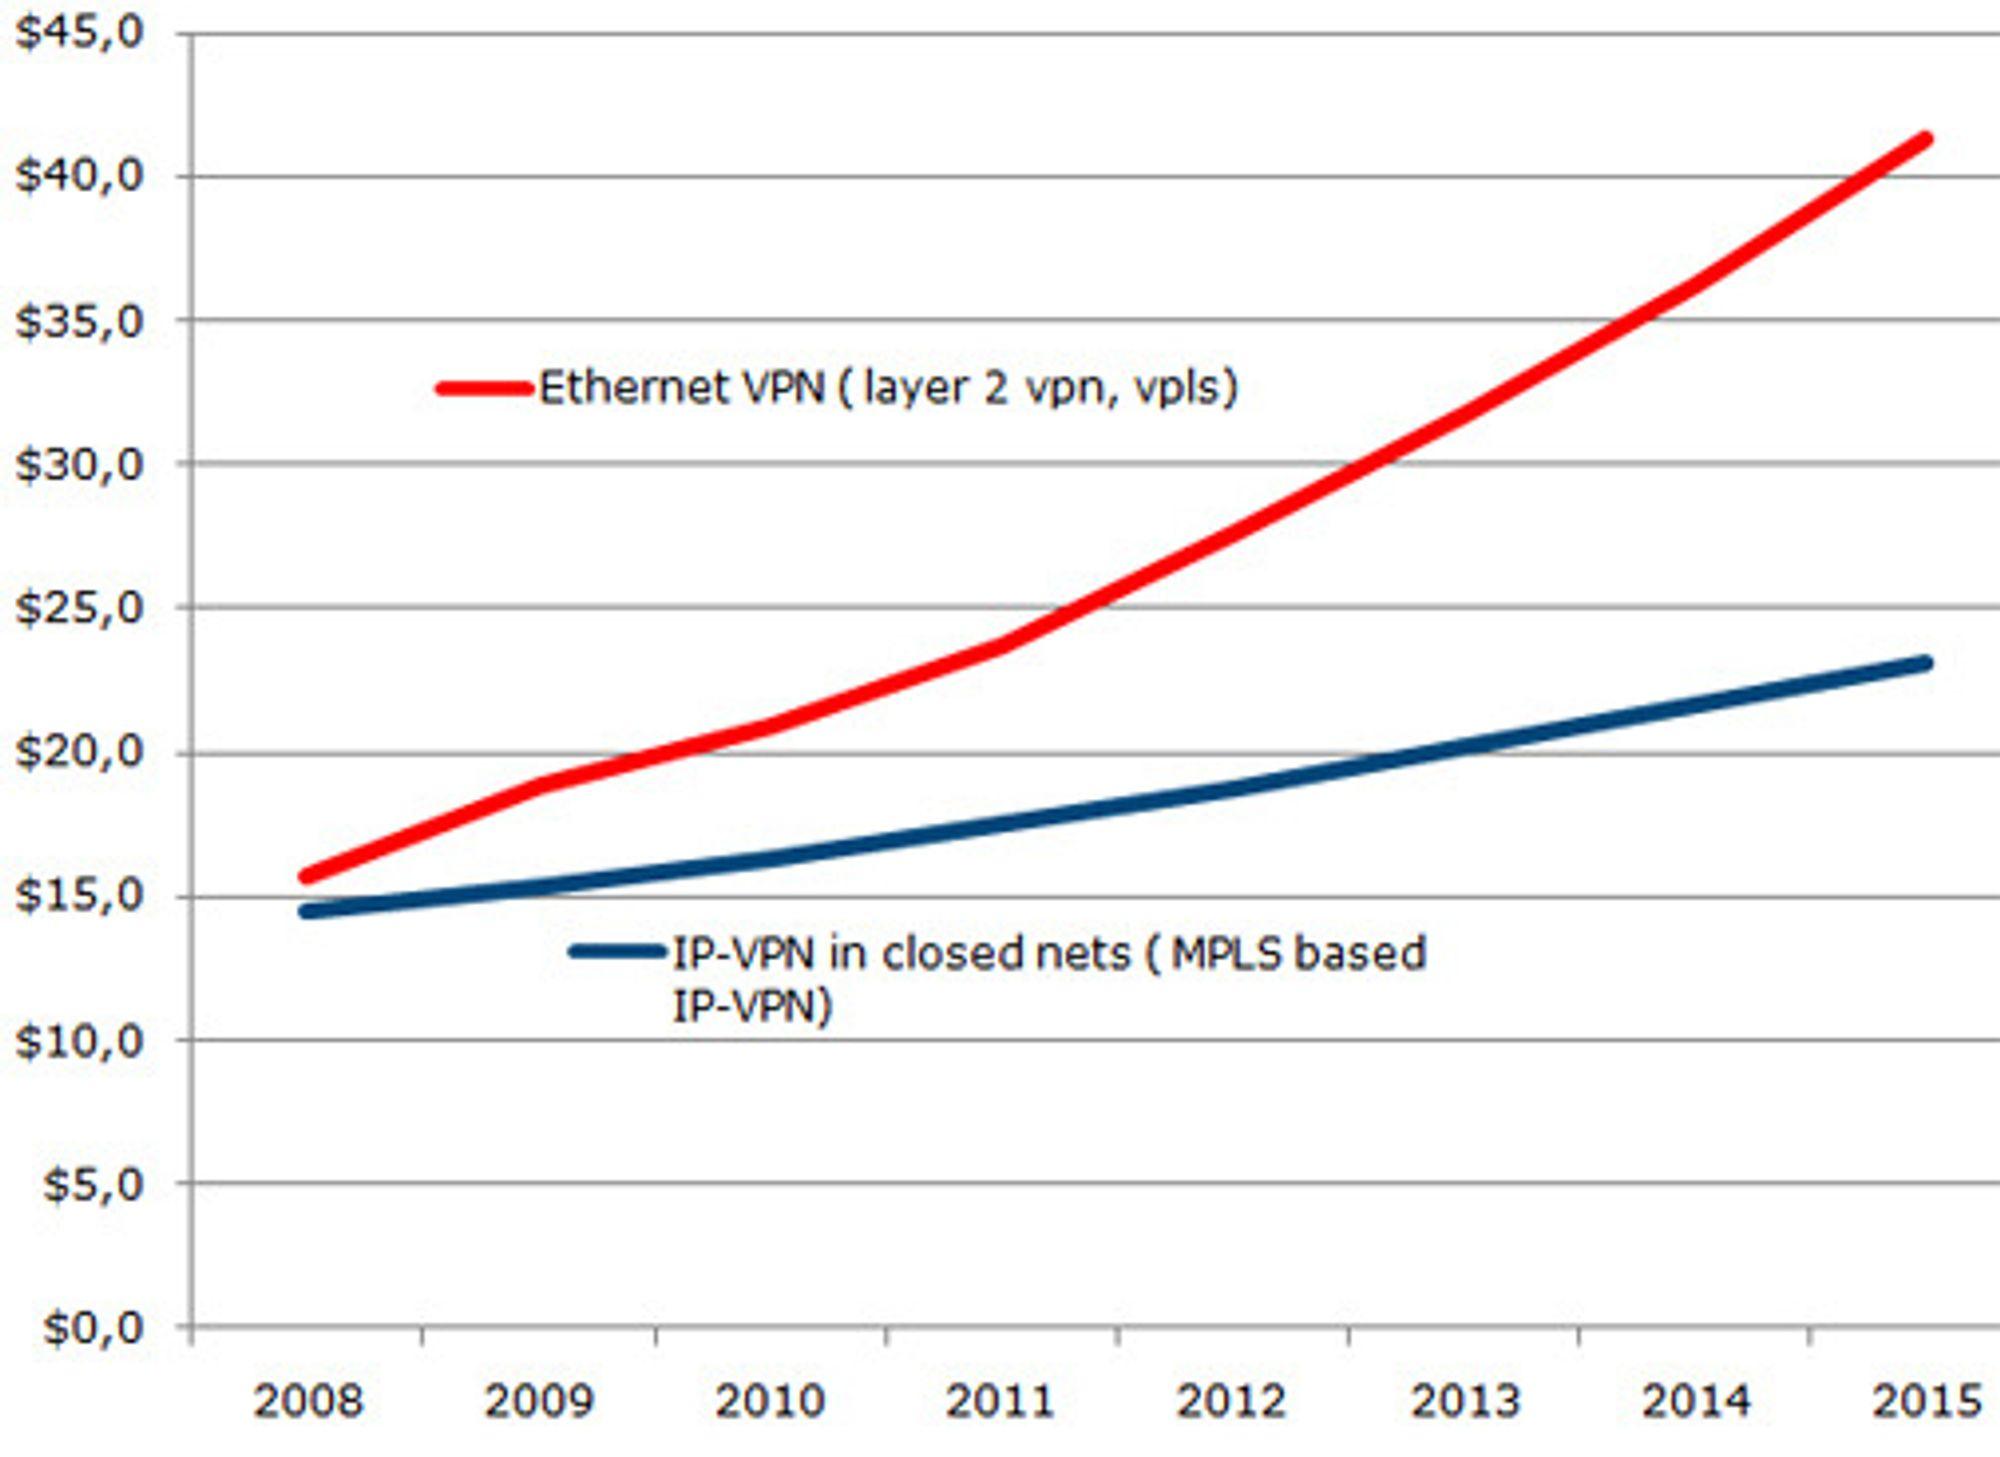 Omsetningen globalt av Ethernet VPN og IP-VPN globalt, i milliarder dollar.Ethernet VPN er for lengst større enn Ip-VPN, og avstanden ventes å øke.